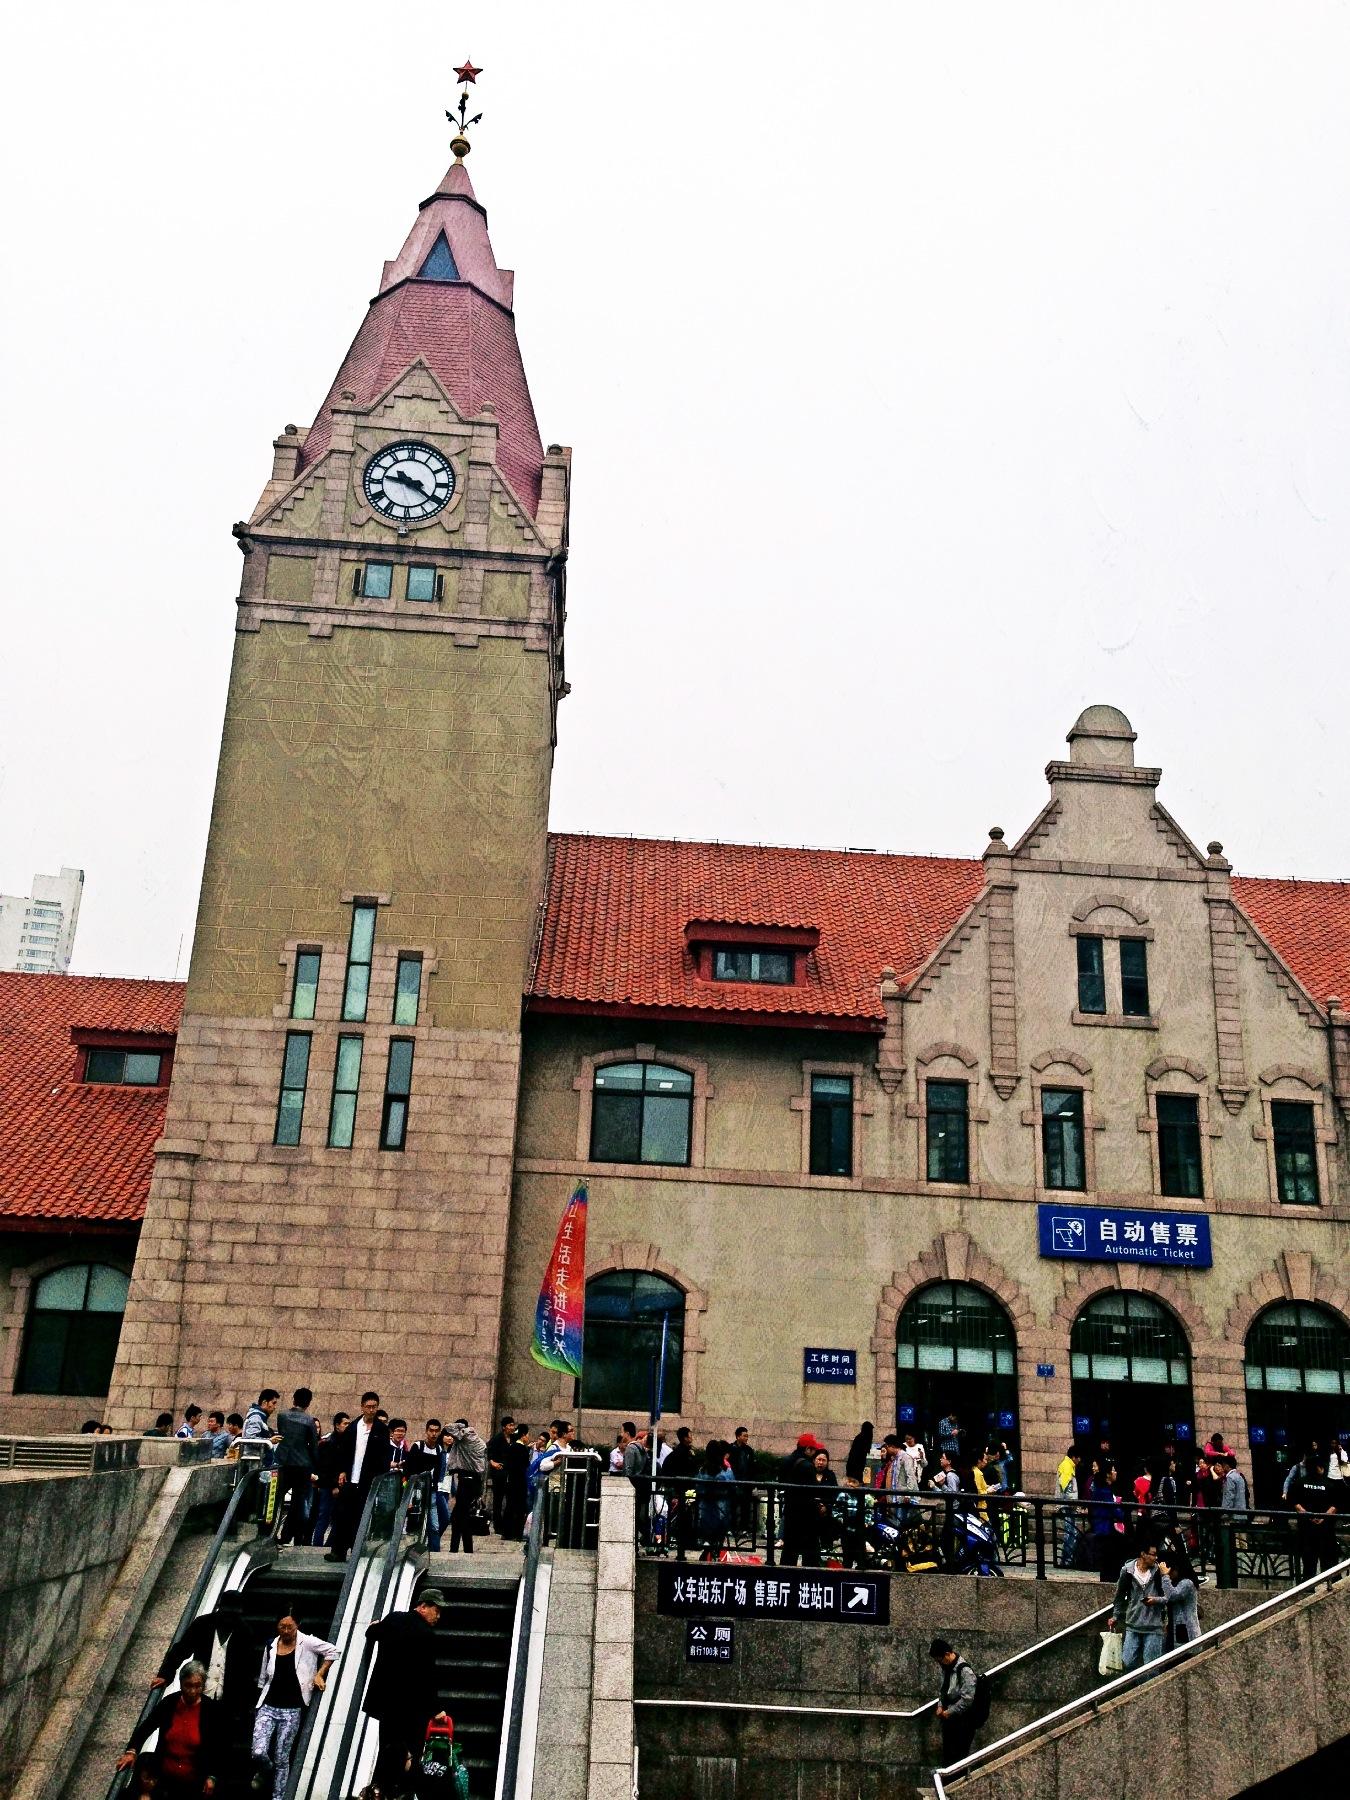 青岛火车站 瞿塘峡路24号甲青岛友谊码头